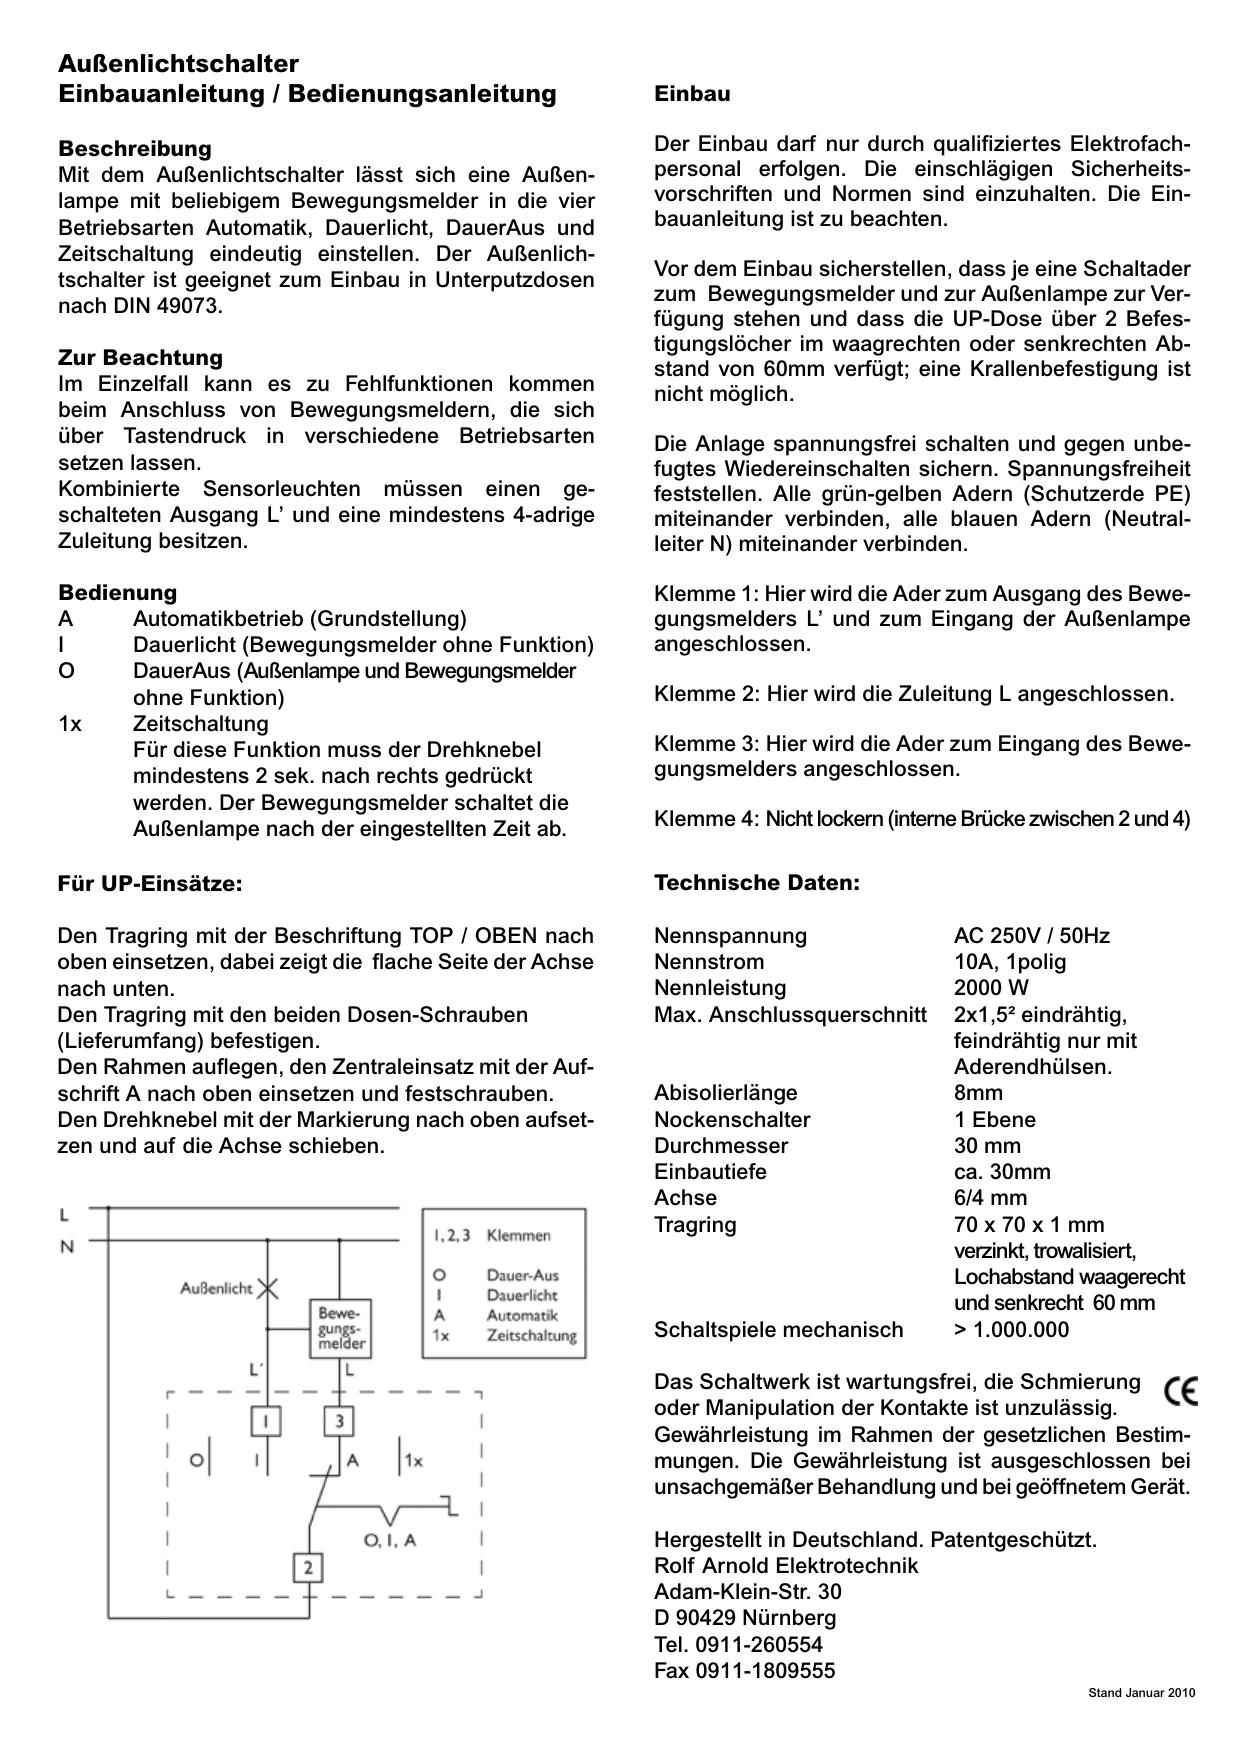 Außenlichtschalter Einbauanleitung / Bedienungsanleitung | manualzz.com